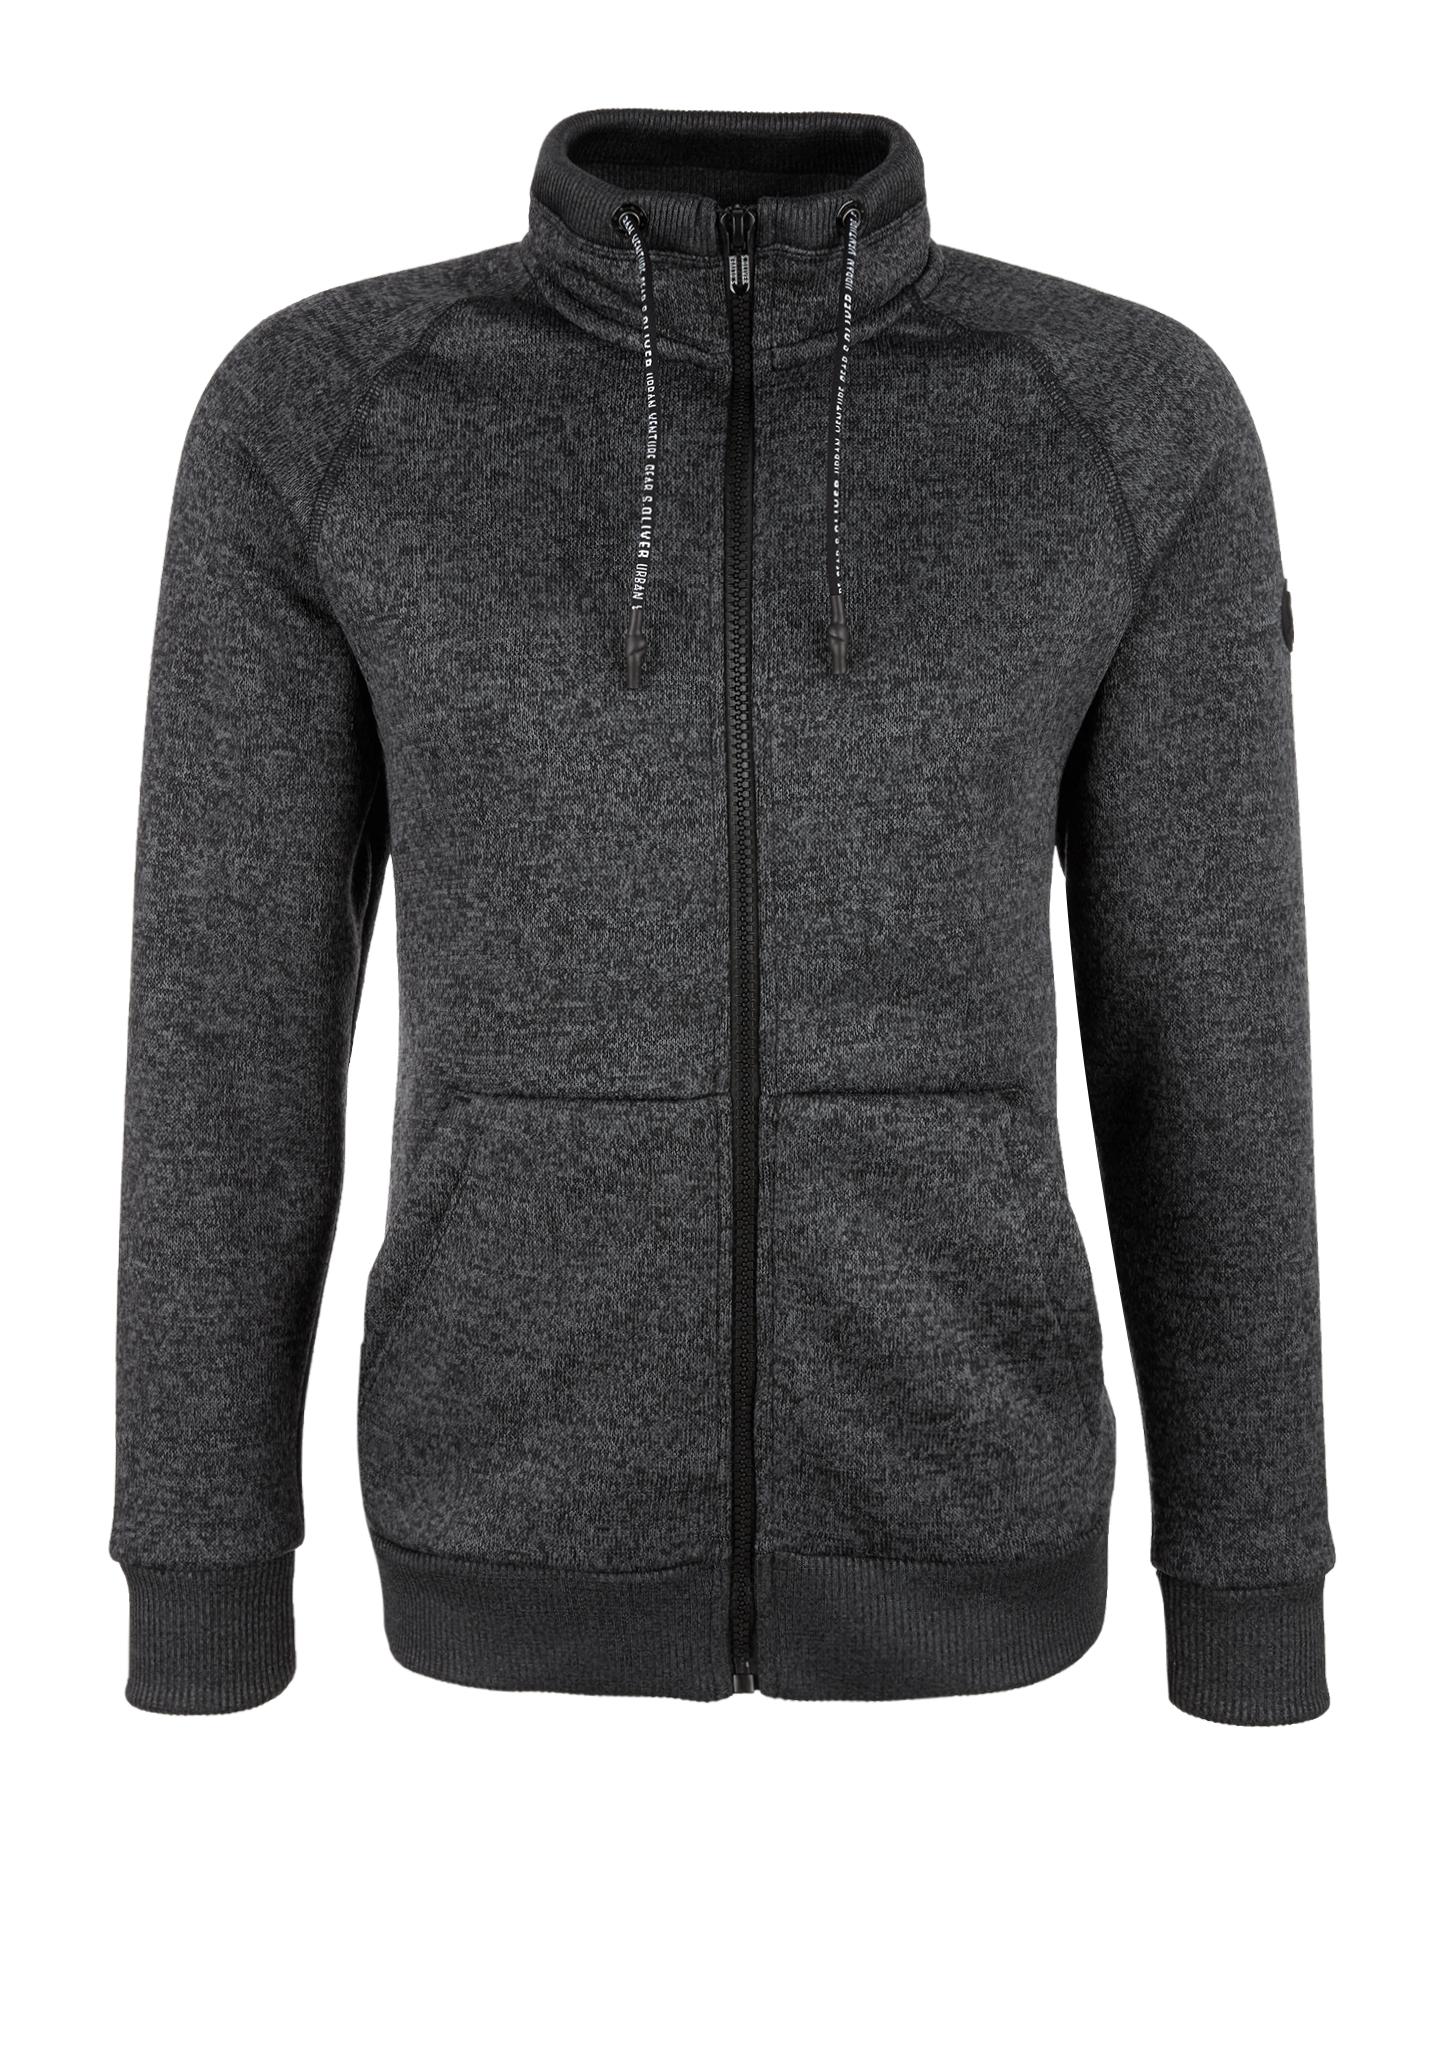 Outdoor-Sweatjacke | Sportbekleidung > Sportjacken | Grau/schwarz | Obermaterial 100% polyester| kragen/manschette/bund 95% baumwolle -  5% elasthan | s.Oliver